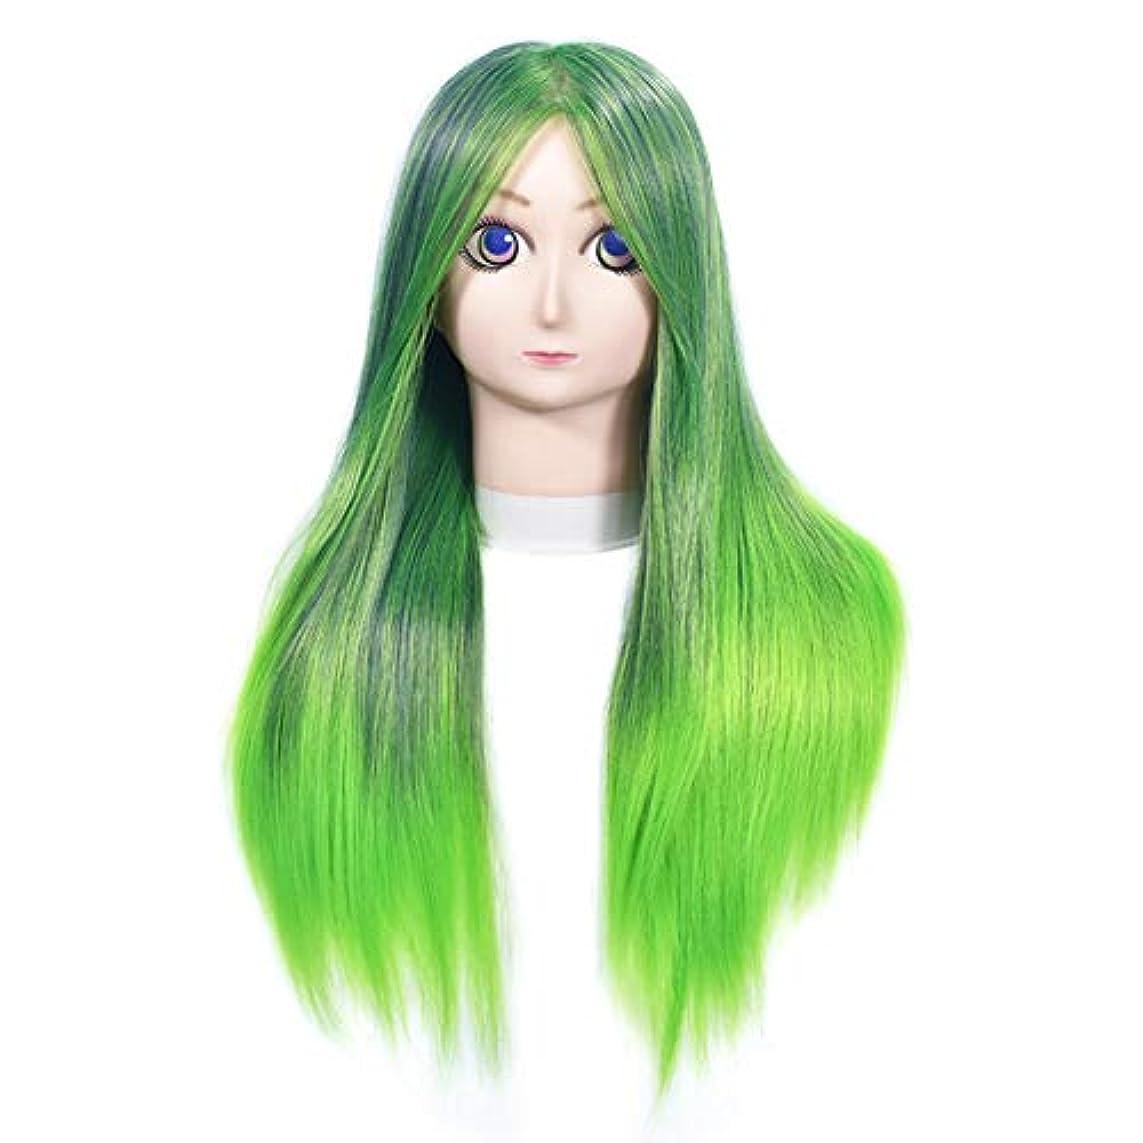 商業の優しい西部高温シルクヘアスタイリングモデルヘッド女性モデルヘッドティーチングヘッド理髪店編組髪染め学習ダミーヘッド,gradientgreen